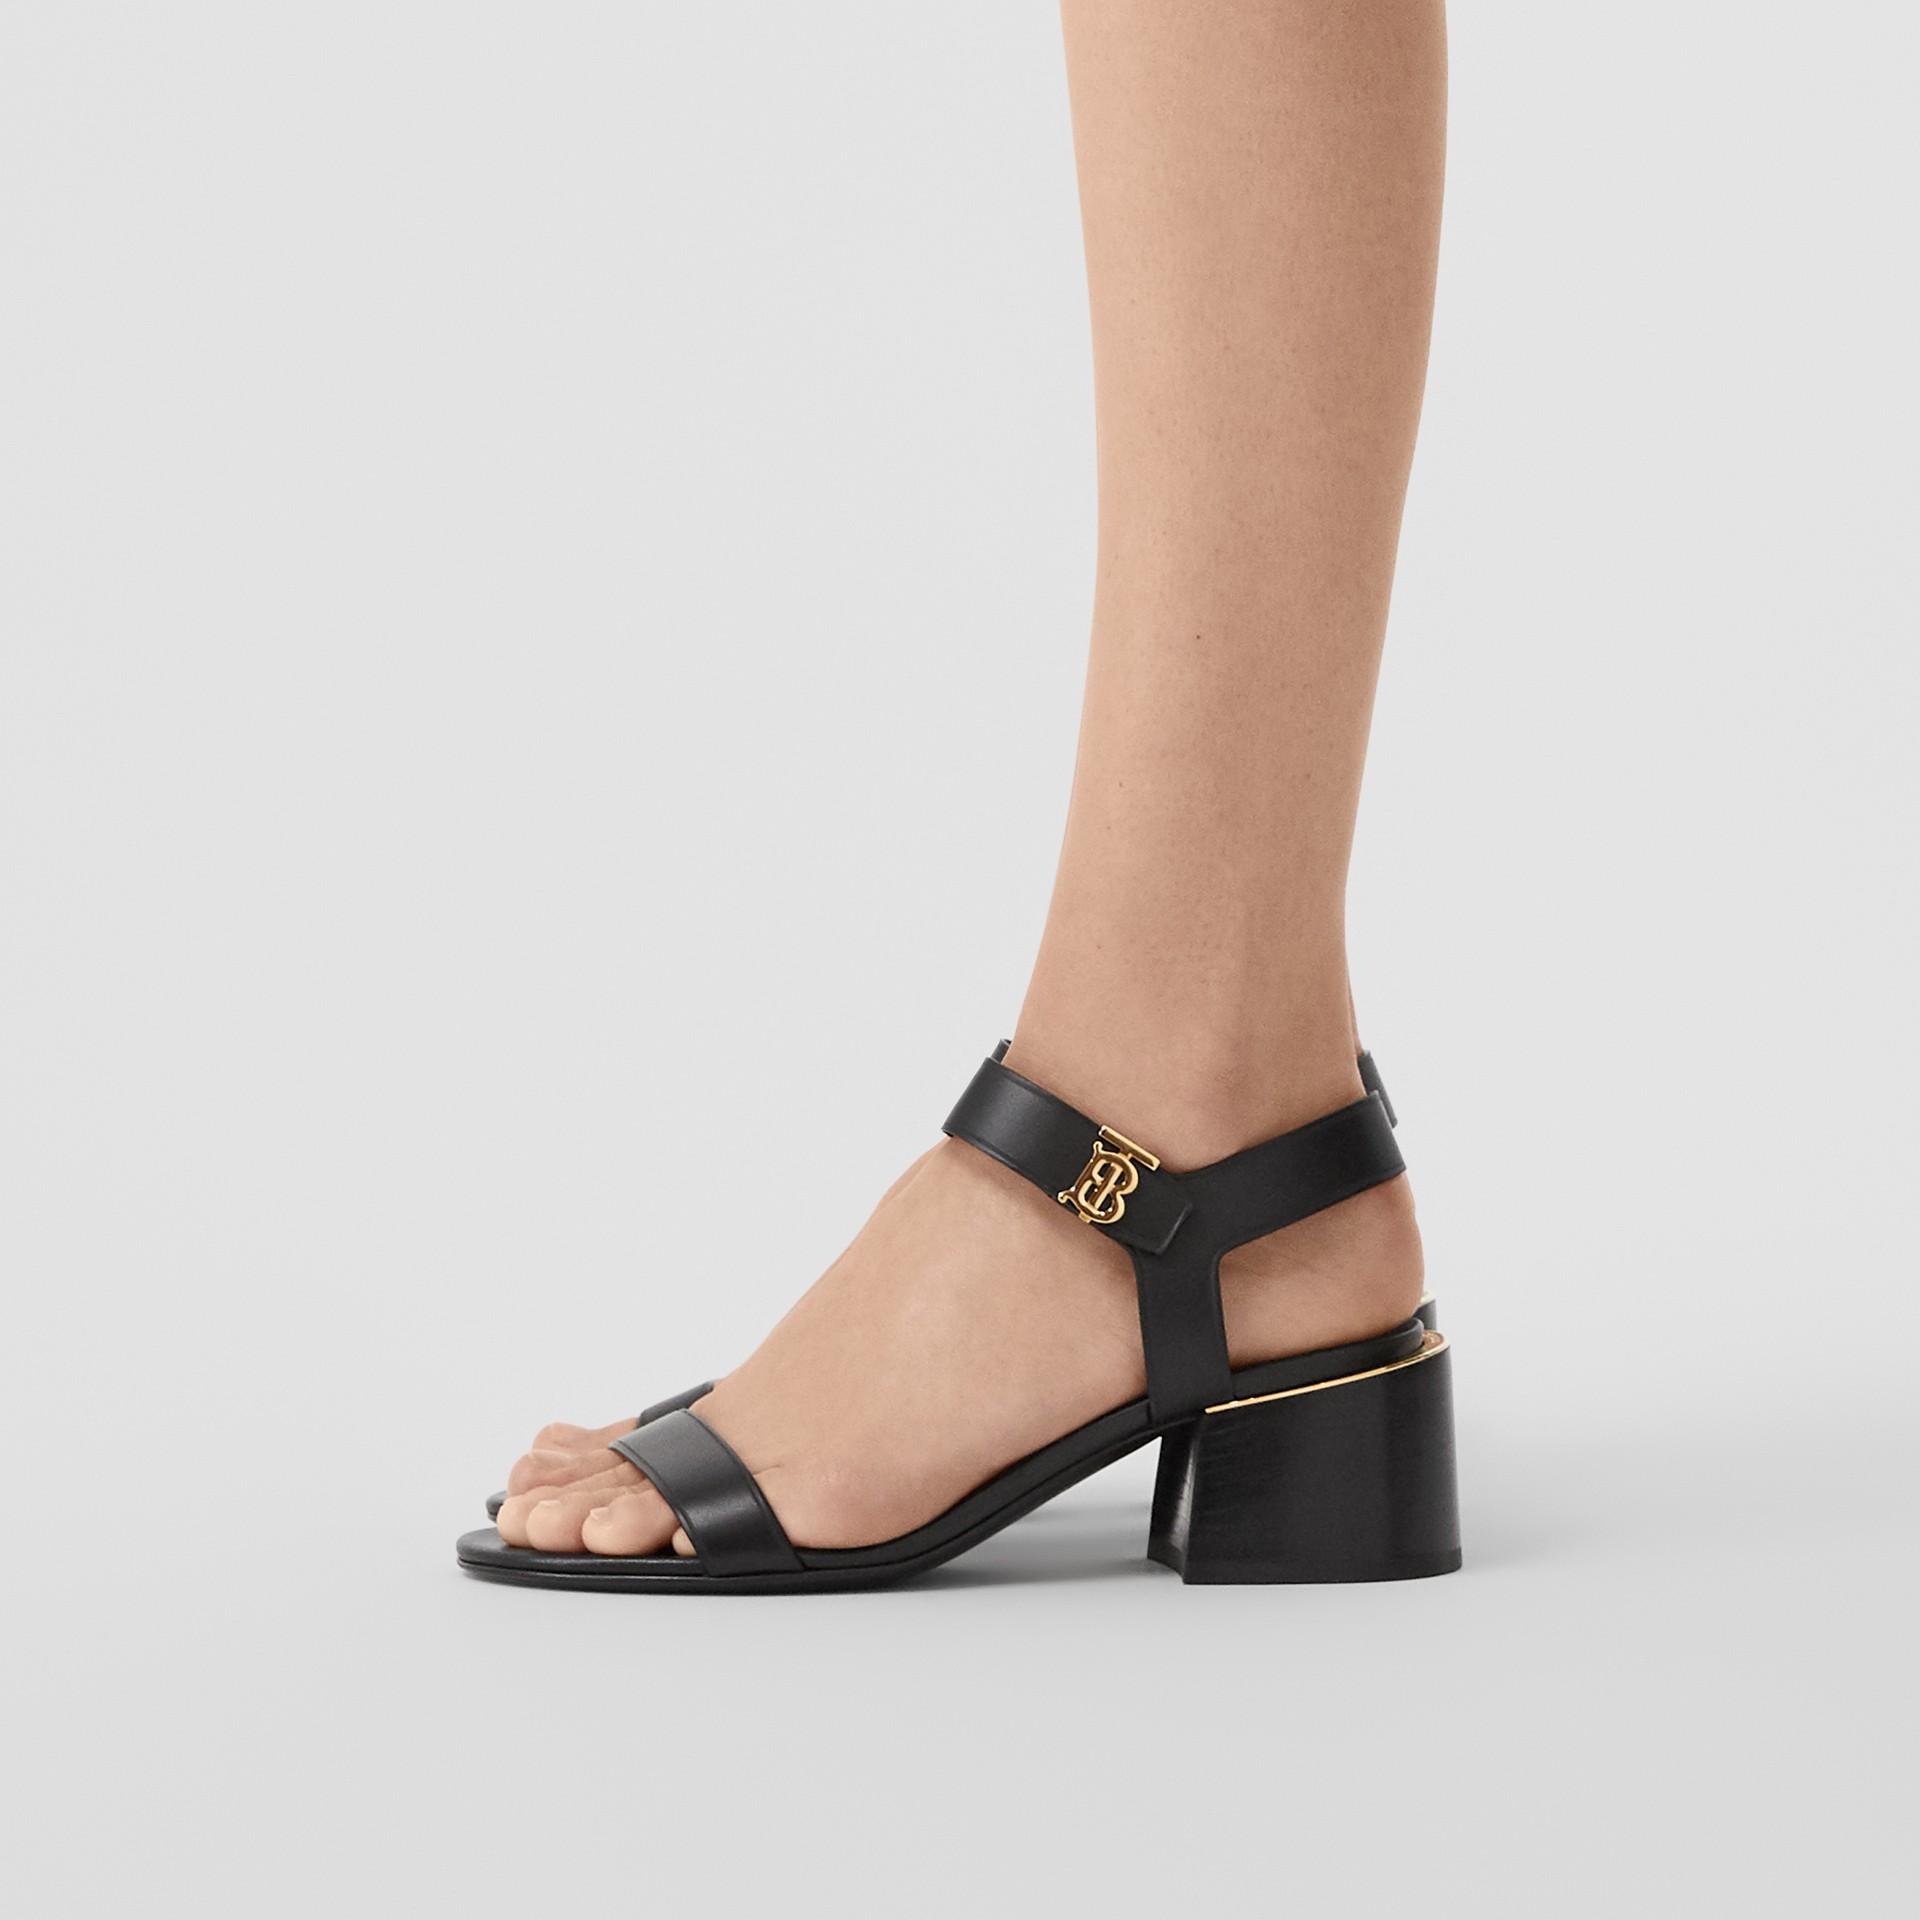 Monogram Motif Leather Block-heel Sandals in Black - Women | Burberry - gallery image 2